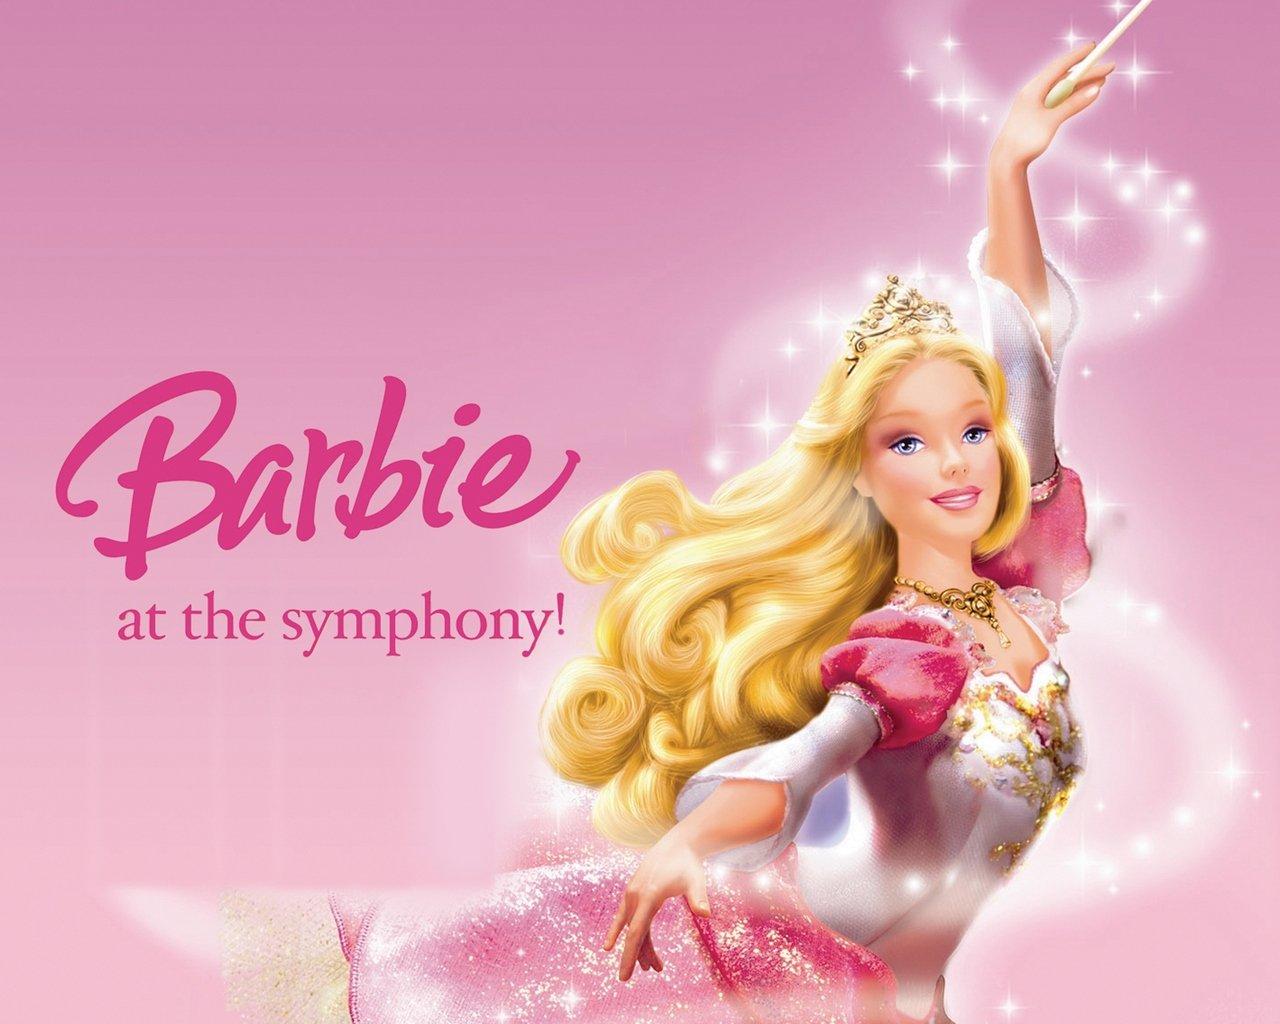 Barbie 12 Dancing Princesses   Barbie Princess Wallpaper 31680966 1280x1024